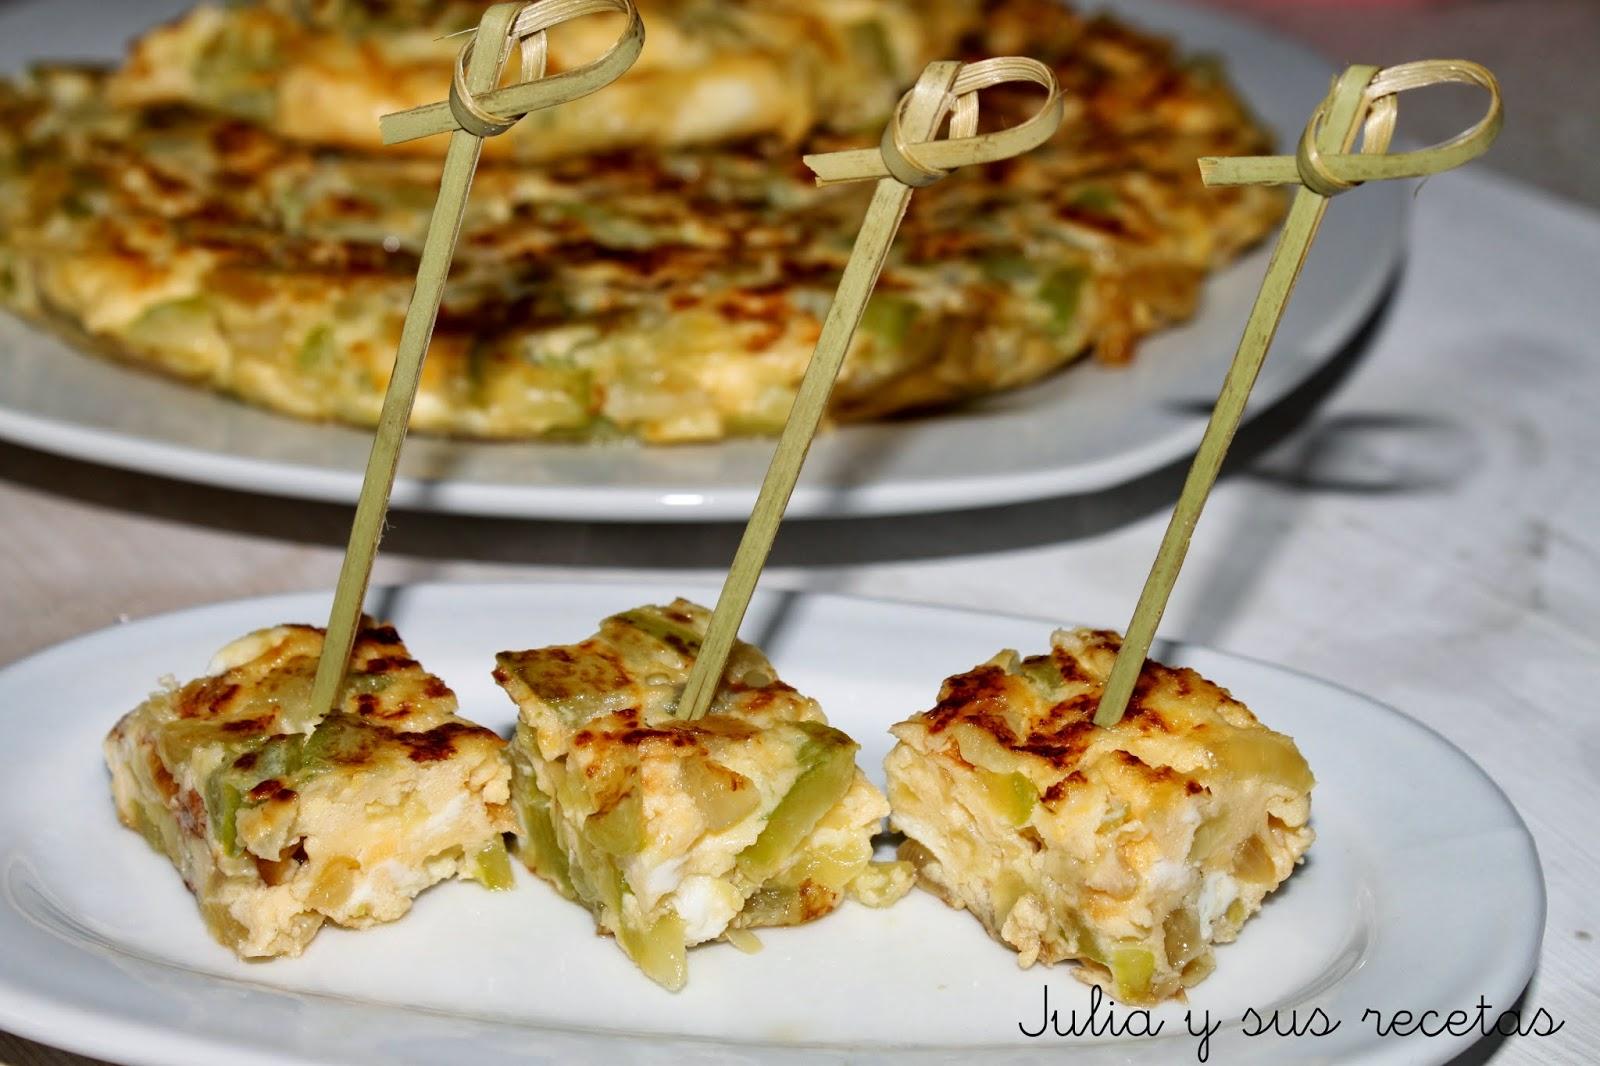 Julia y sus recetas tortilla de calabacin y cebolla - Tortilla de calabacin y cebolla ...